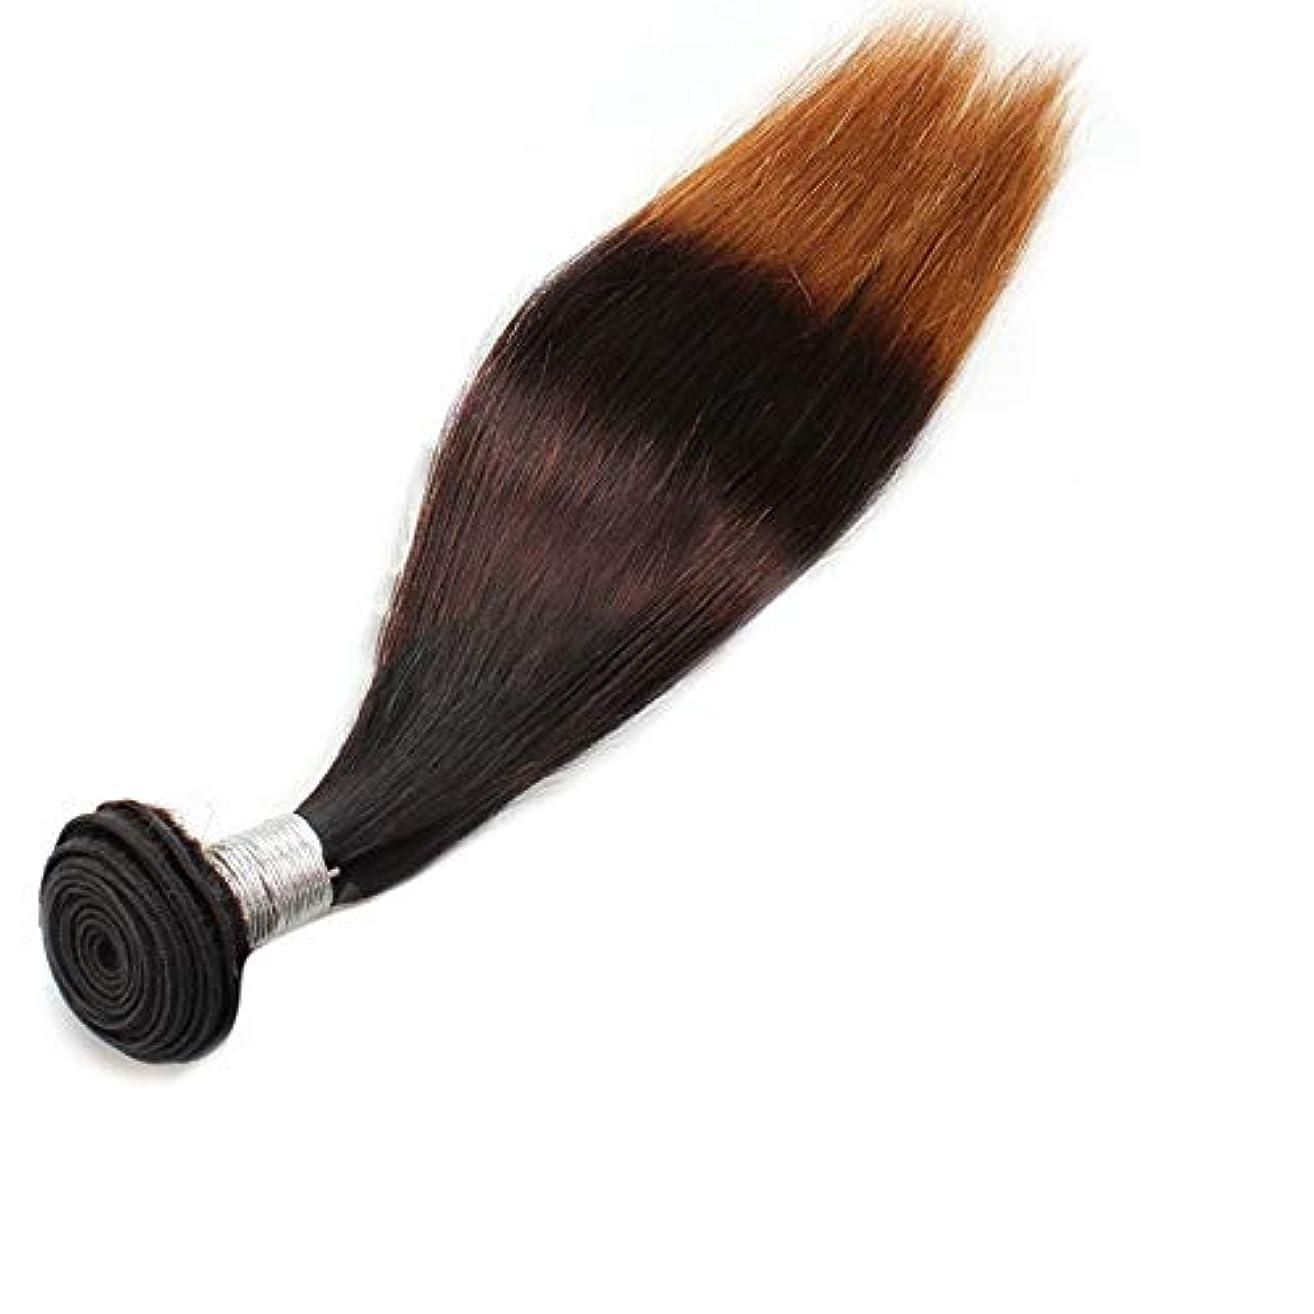 ホールドオール高さ準備したWASAIO クロージャー本体の拡張3トーンカラーで、ブラジルの髪のバンドルカーリー人間ウィーブ (色 : ブラウン, サイズ : 18 inch)